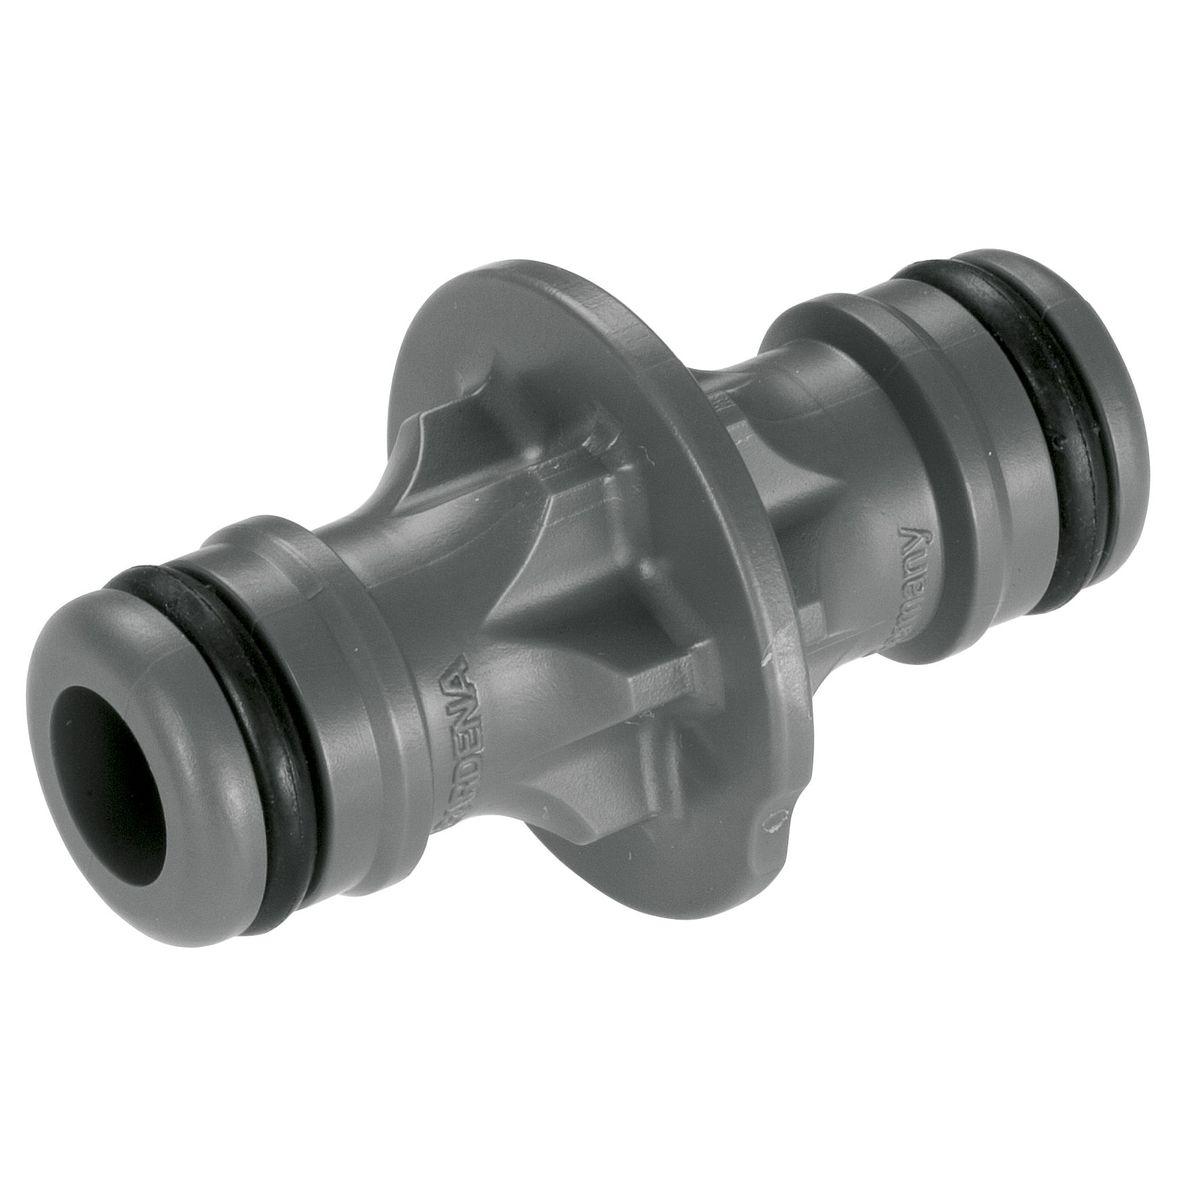 """Переходник Gardena02931-29.000.00Переходник Gardena предназначен для наращивания шланга, для соединения шлангов или для перехода со шлангов диаметром 19 мм (3/4"""") на 13 мм (1/2"""")."""